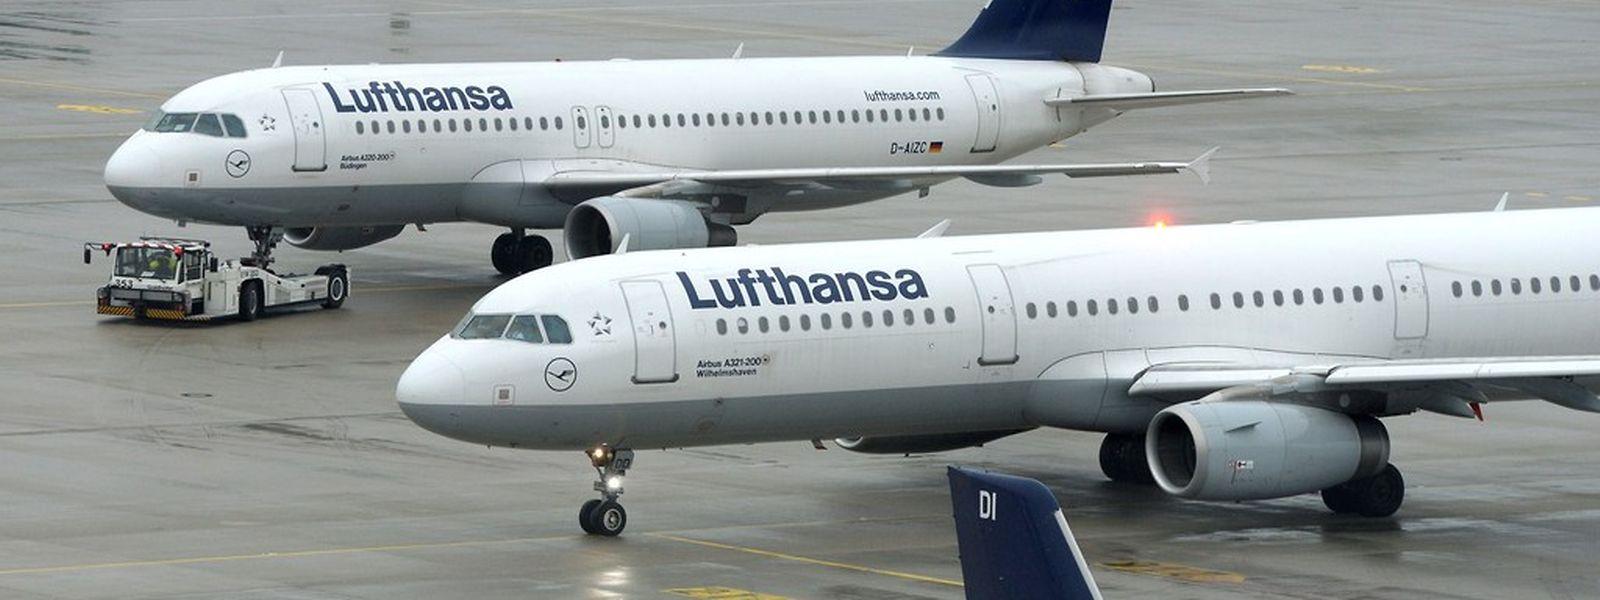 Am Mittwoch fällt mindestens jeder zweite Lufthansa-Flug aus. (Foto: AFP)